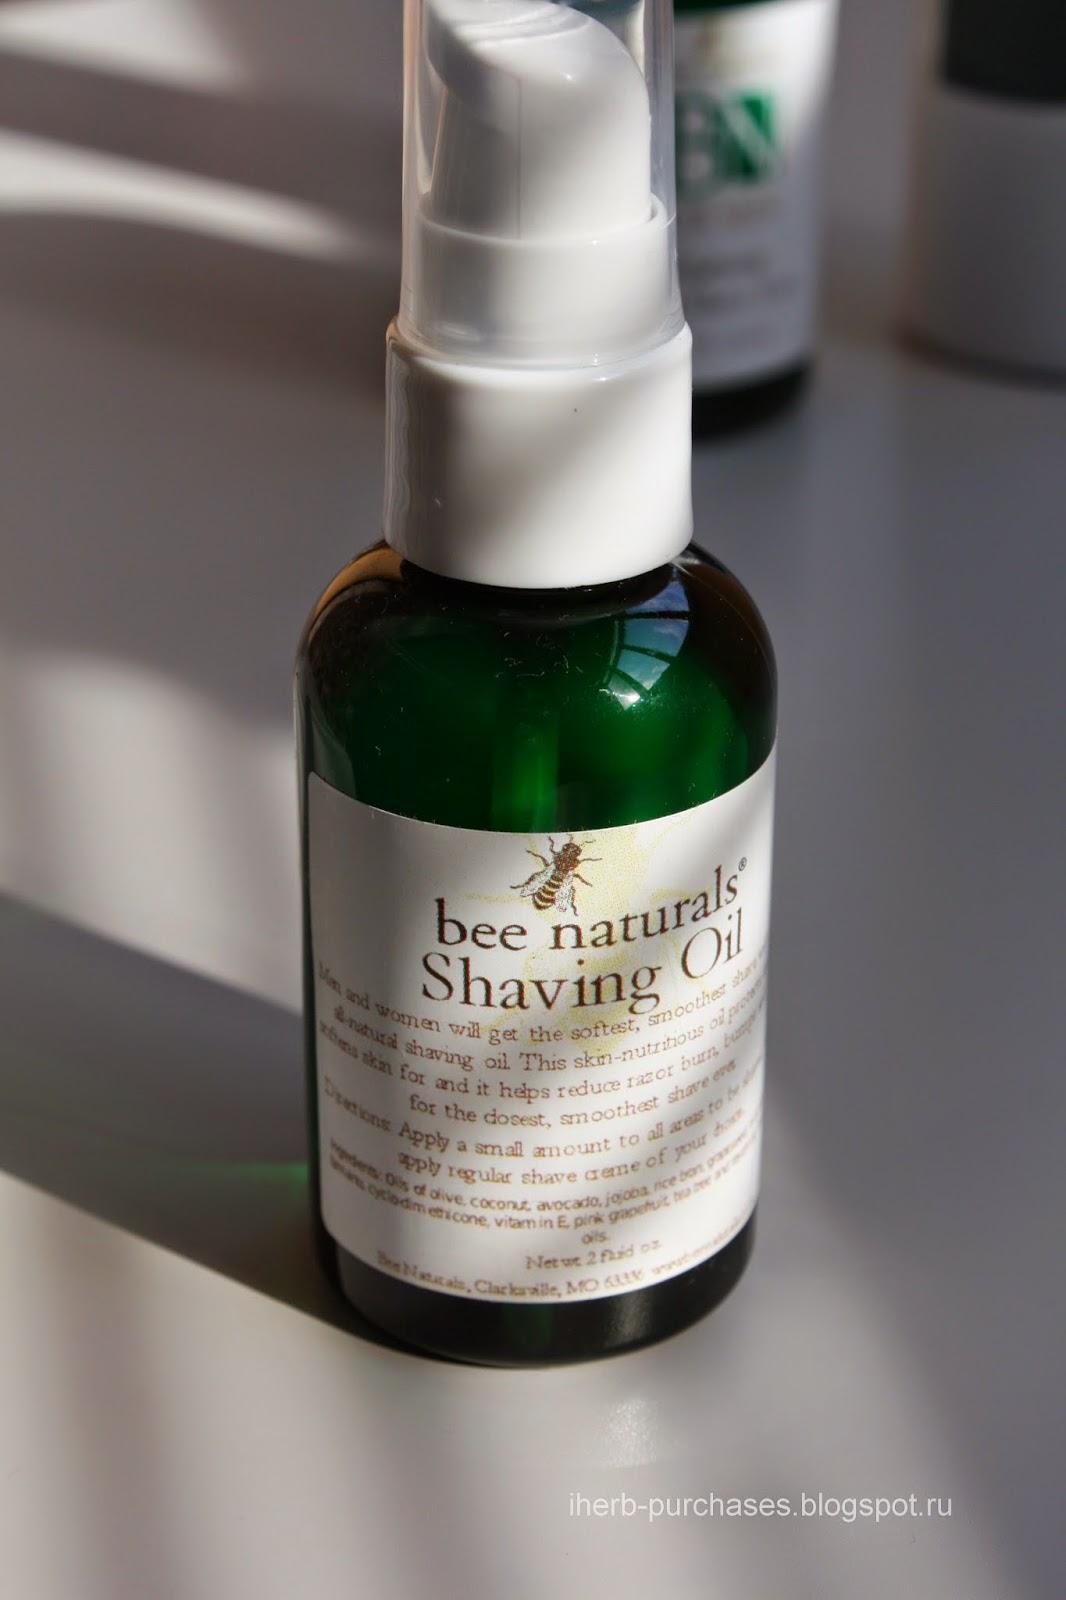 Bee Naturals, Shaving Oil, 2 fl oz